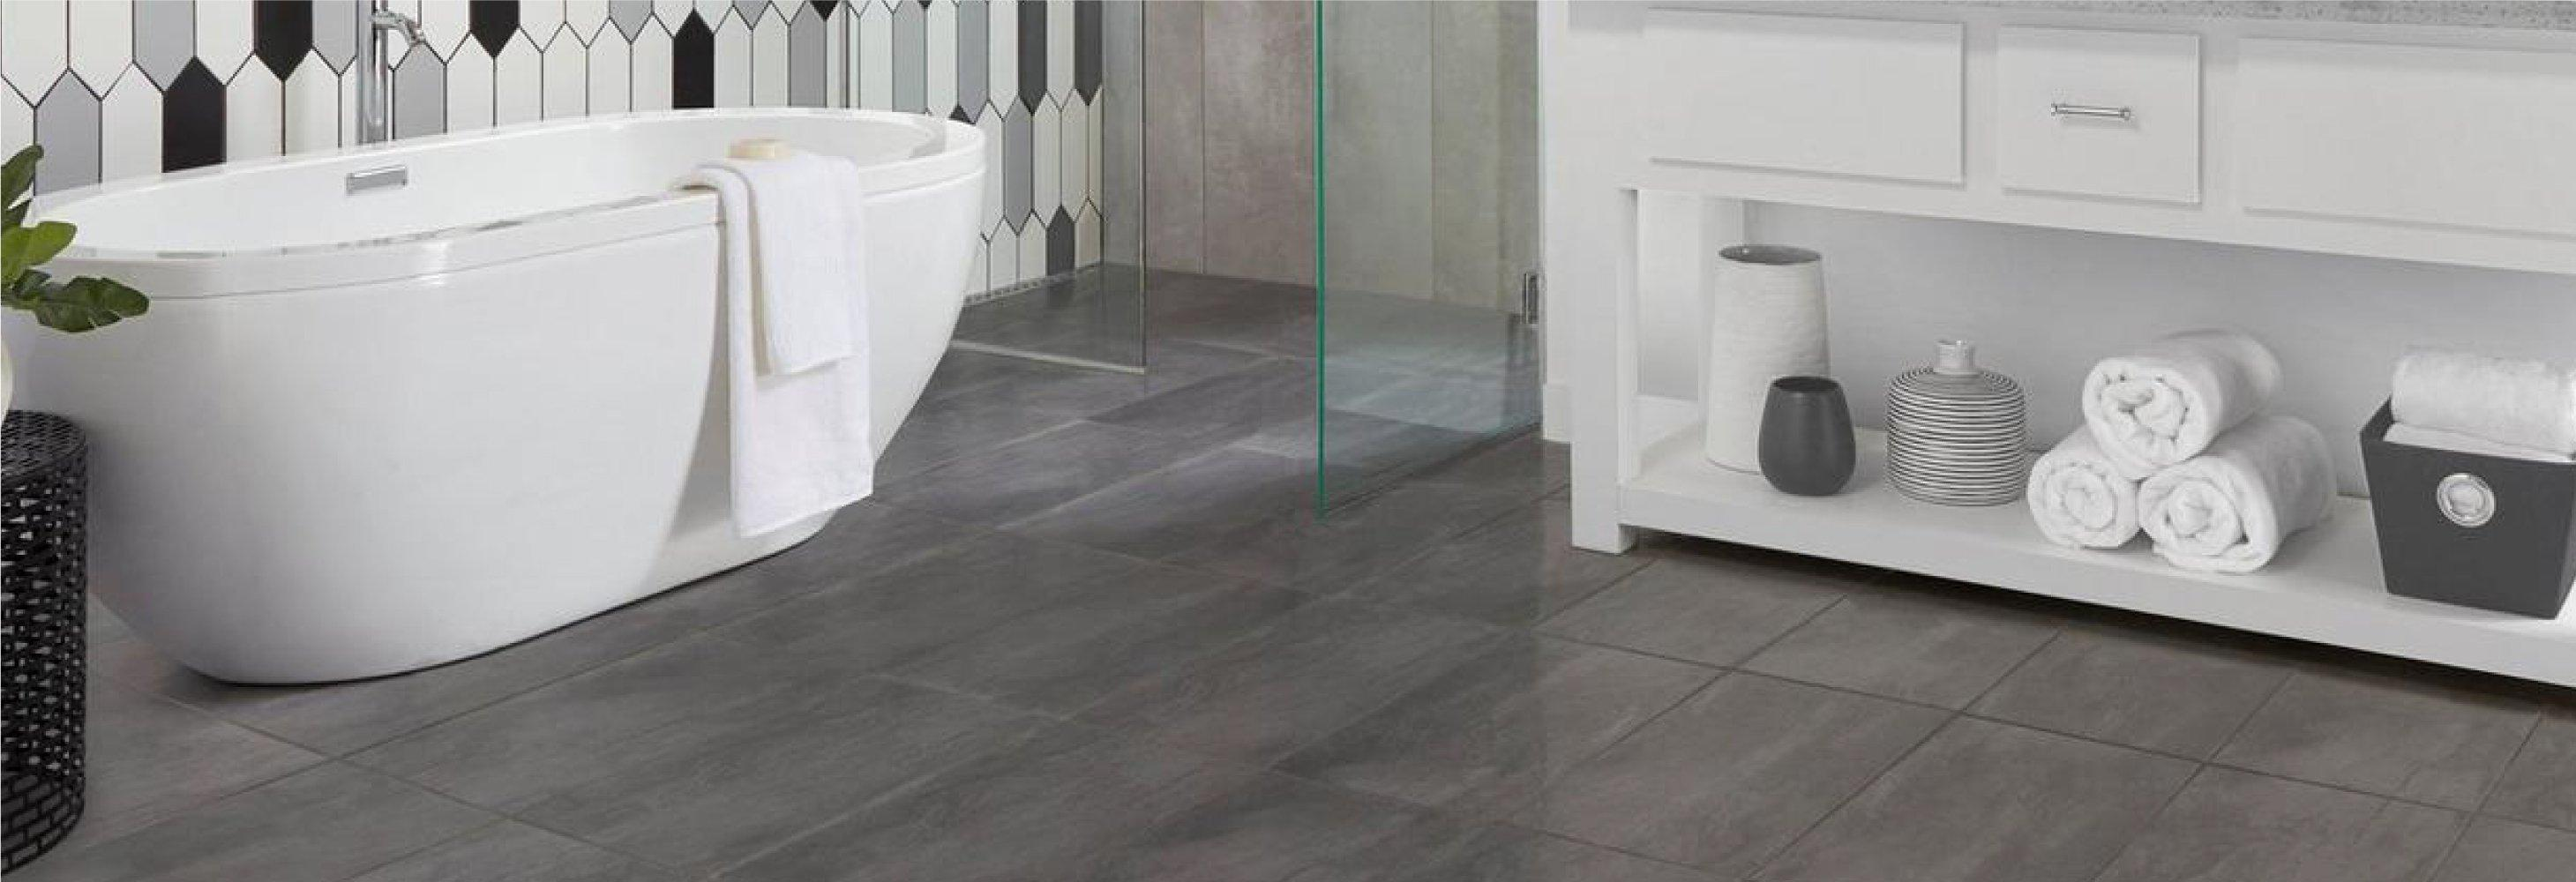 white floor tiles bathroom. Tile White Floor Tiles Bathroom